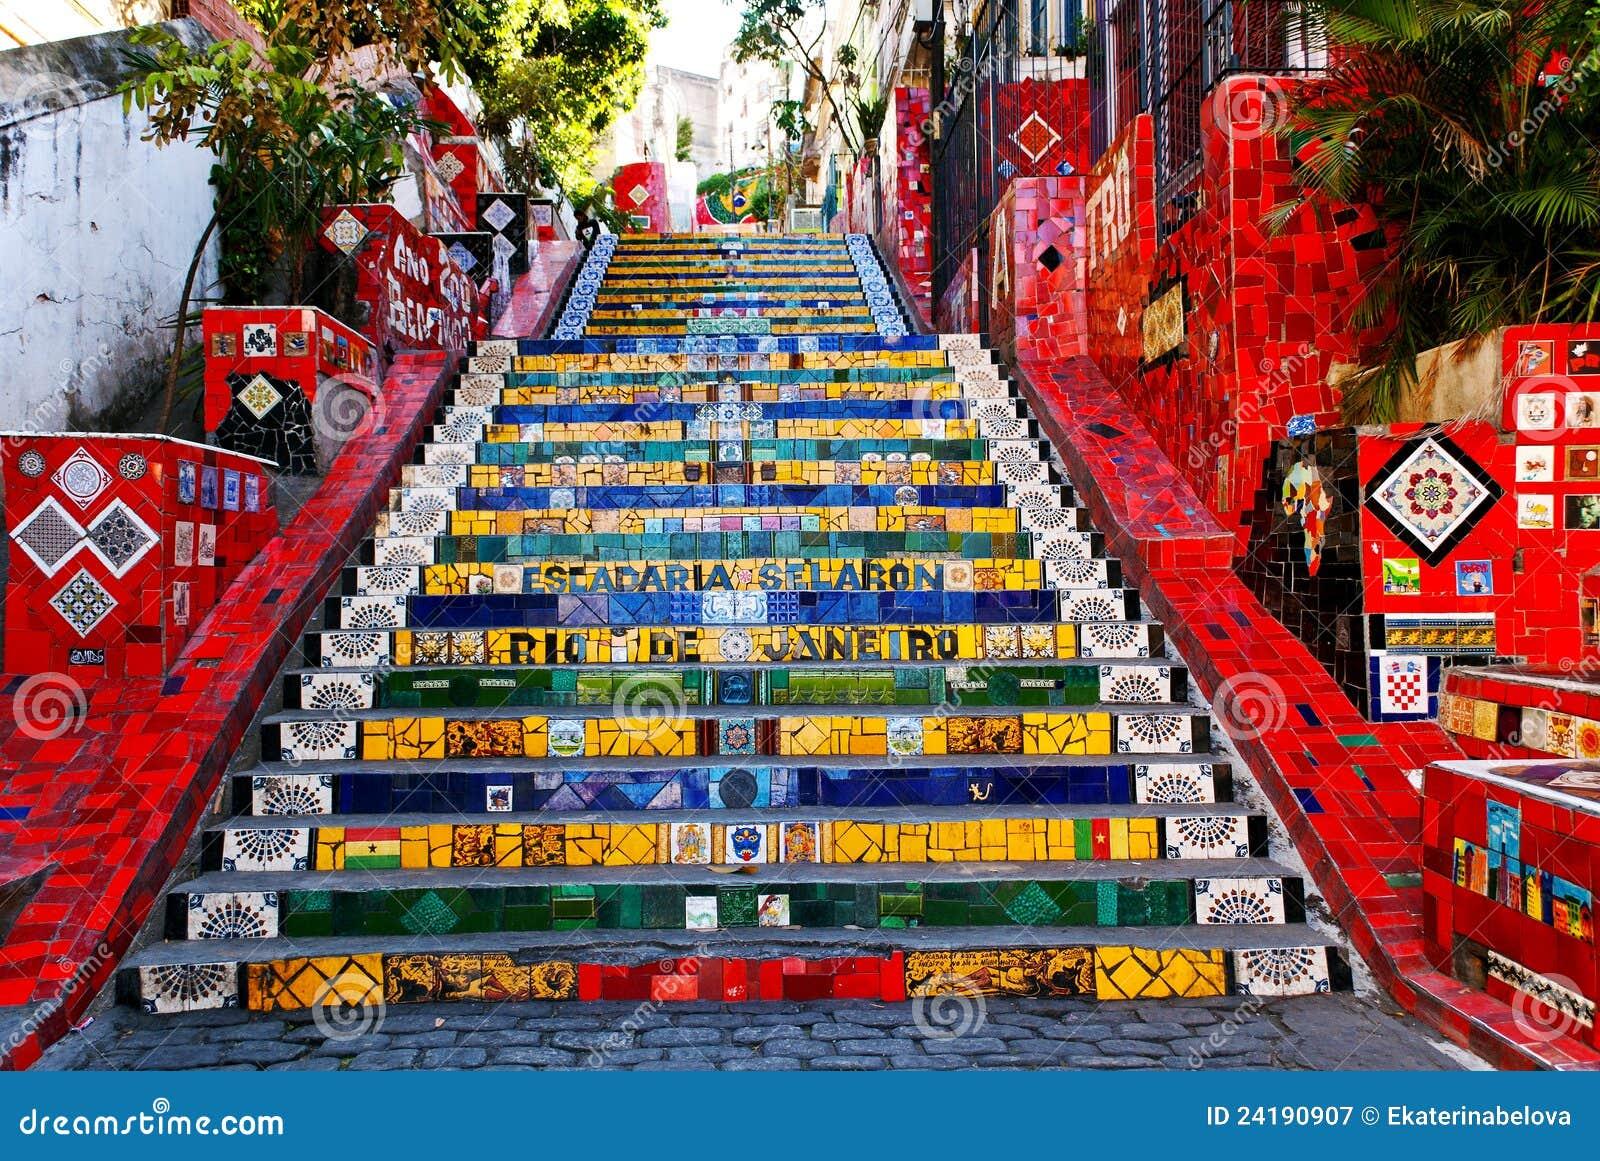 La escalera Selaron